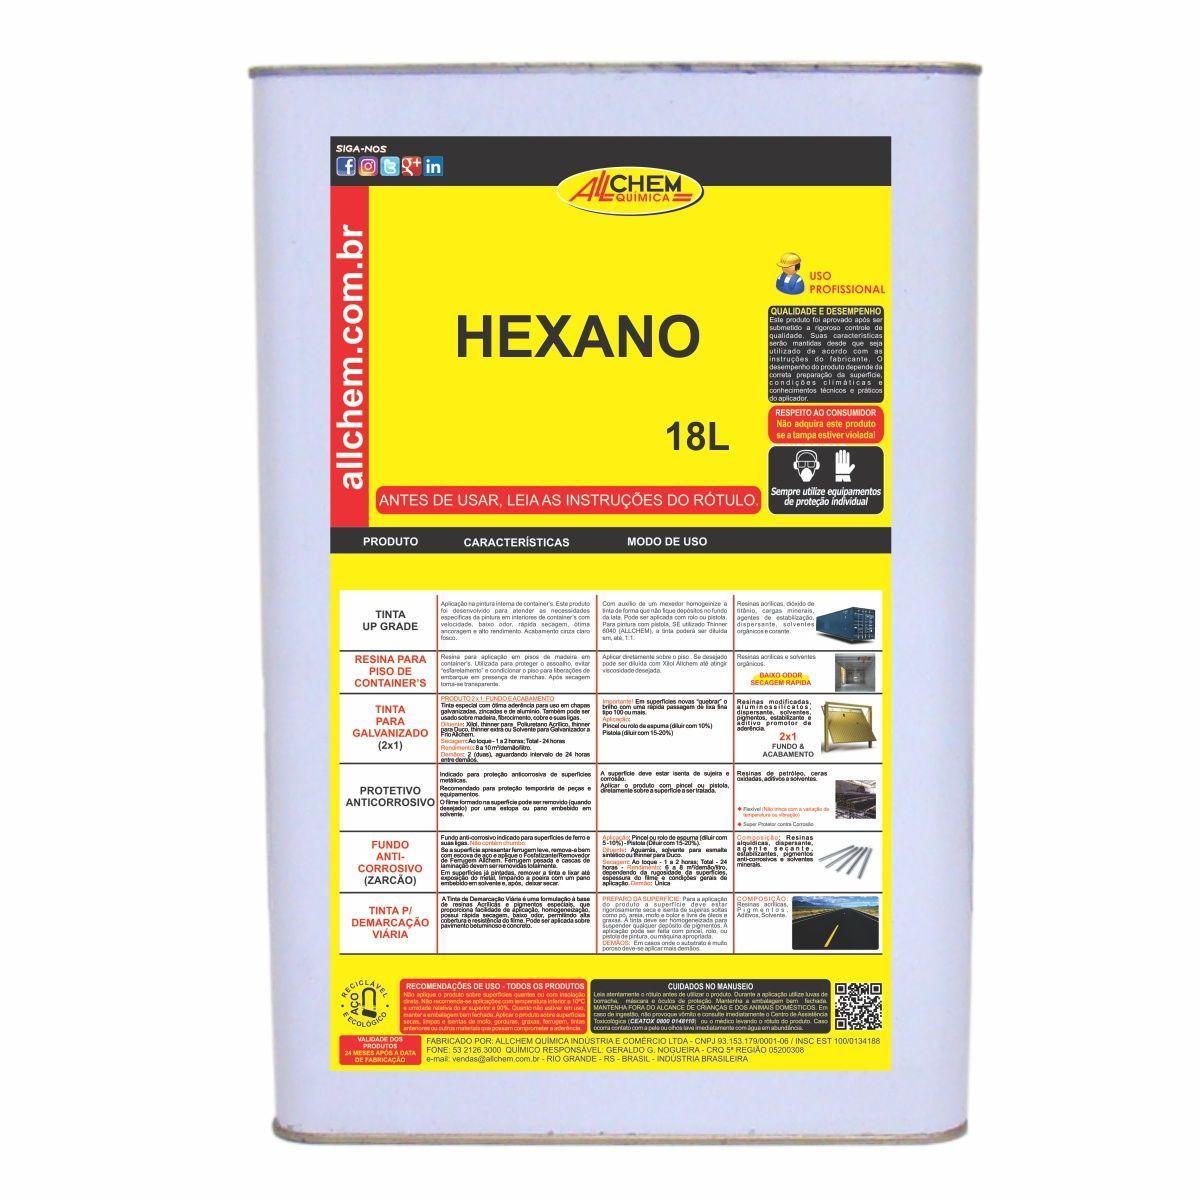 Hexano 18 Litros